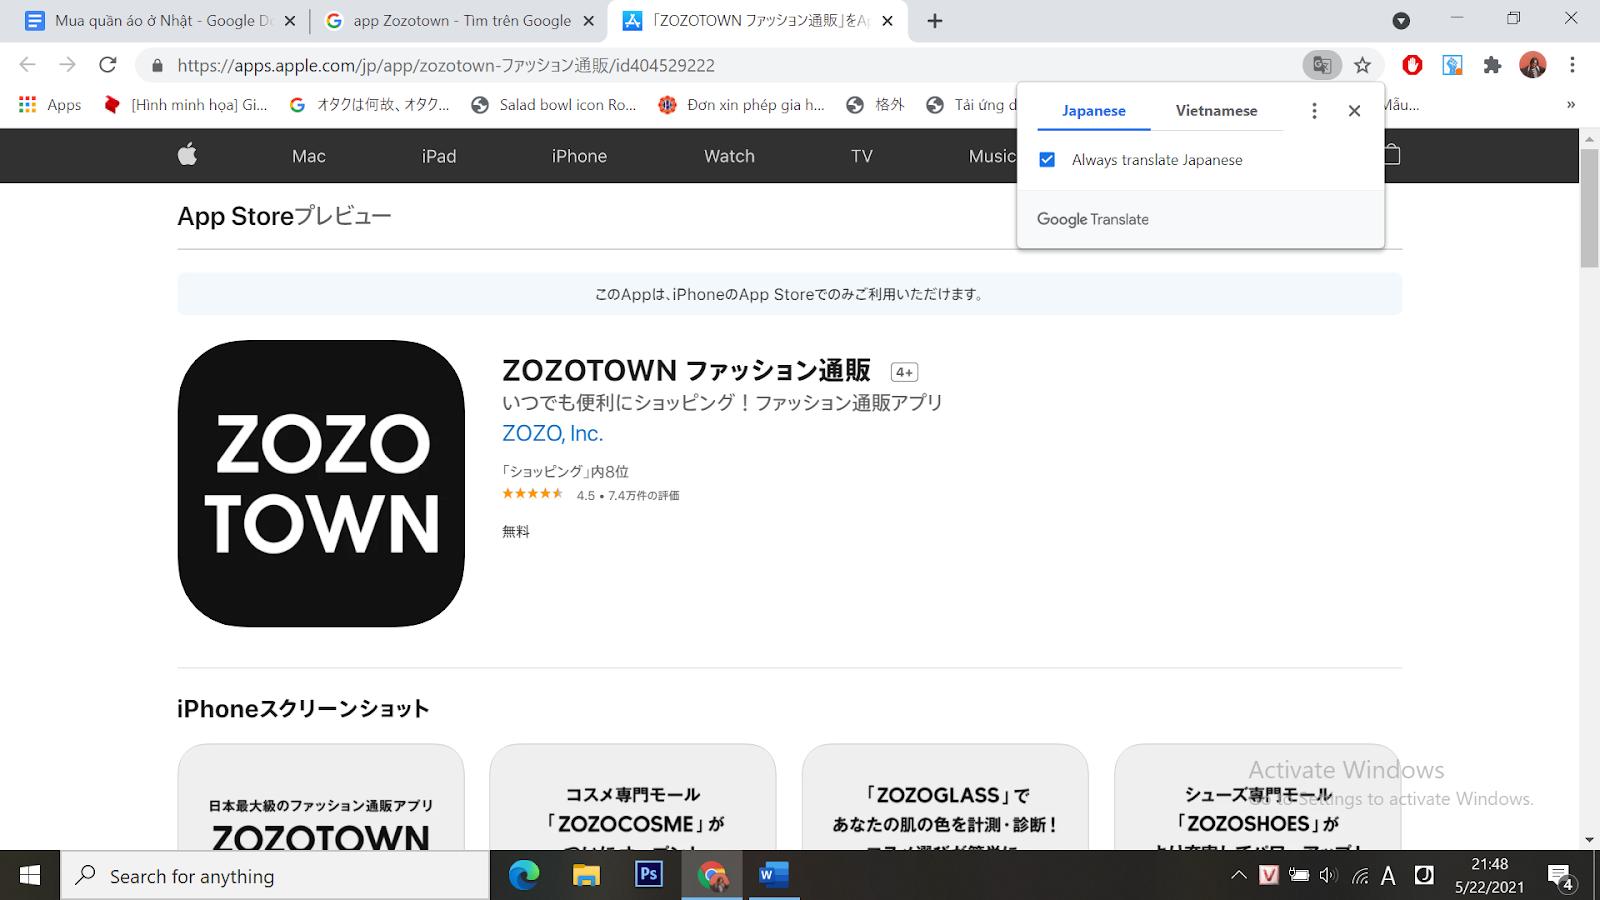 app Zozotown